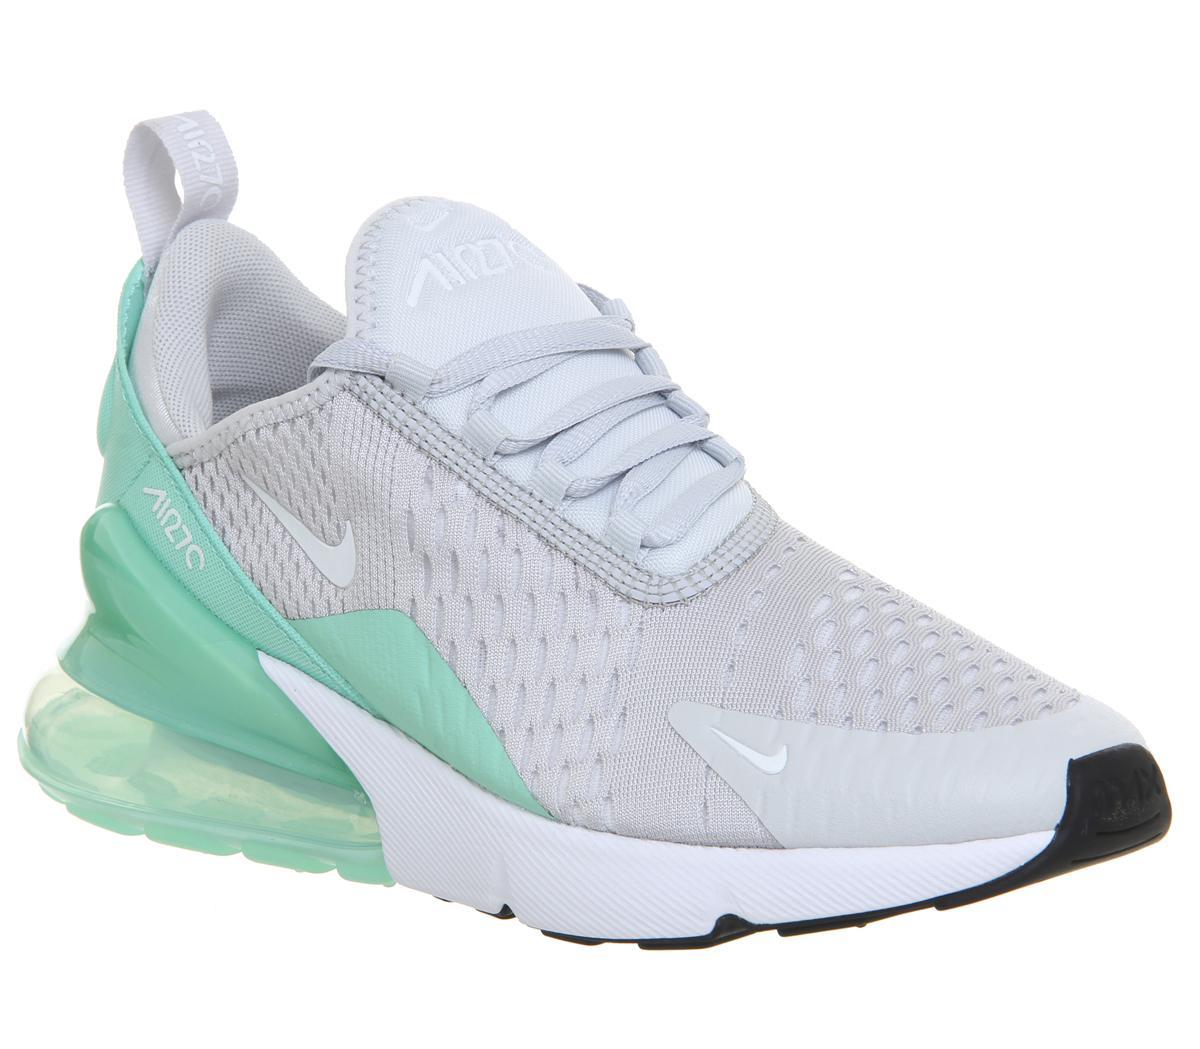 estilo limitado proporcionar una gran selección de diseño exquisito Nike Air Max 270 Gs Trainers Pure Platinum White Emerald Rise - Unisex